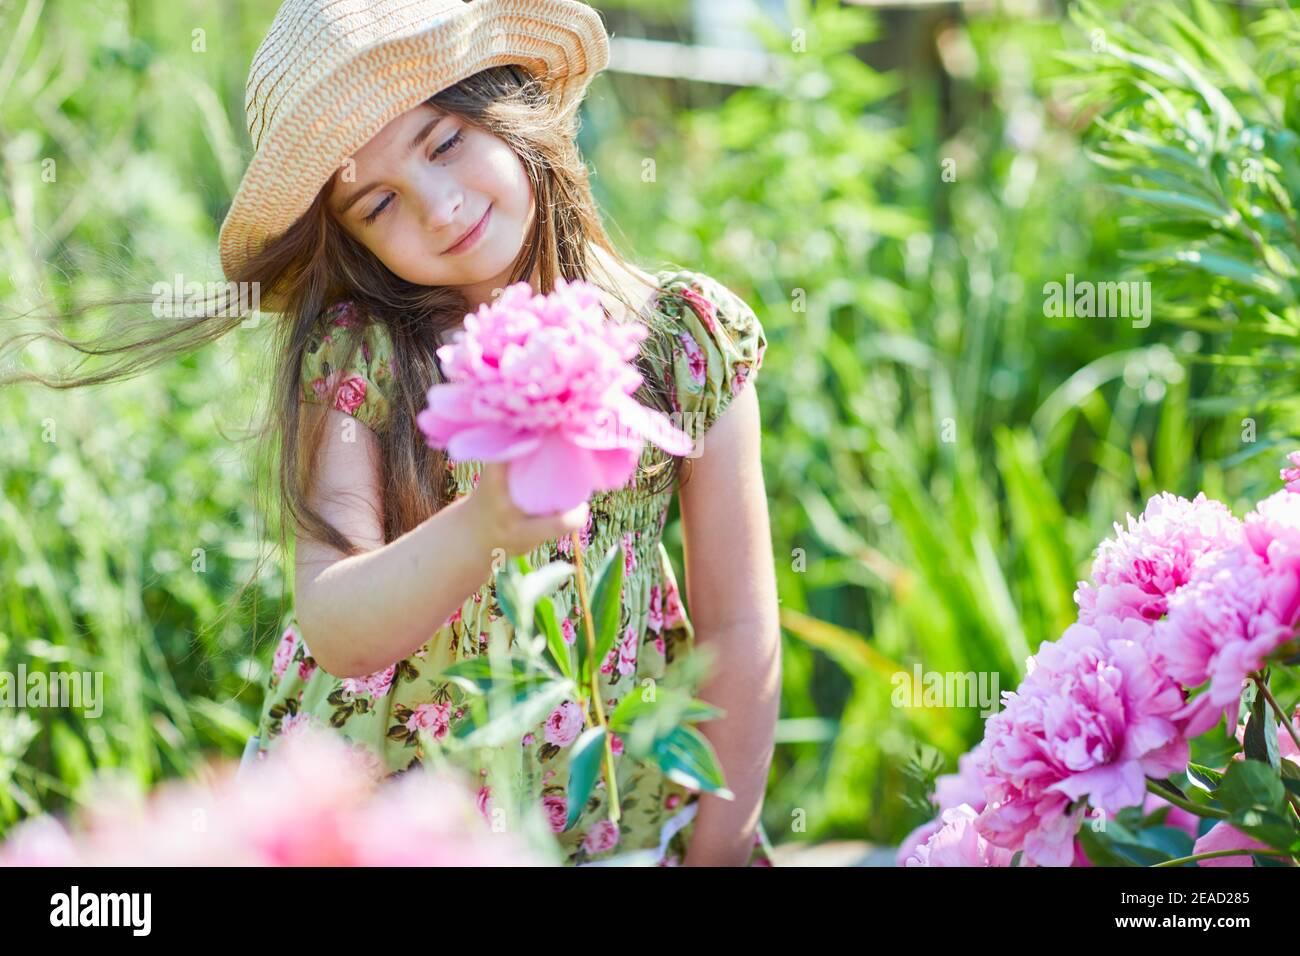 Schönes kleines Mädchen hält eine rosa Pfingstrose an einem sonnigen Tag im Garten. Hübsches Mädchen trägt ein modisch gemustertes Sommerkleid und Strohhut Stockfoto